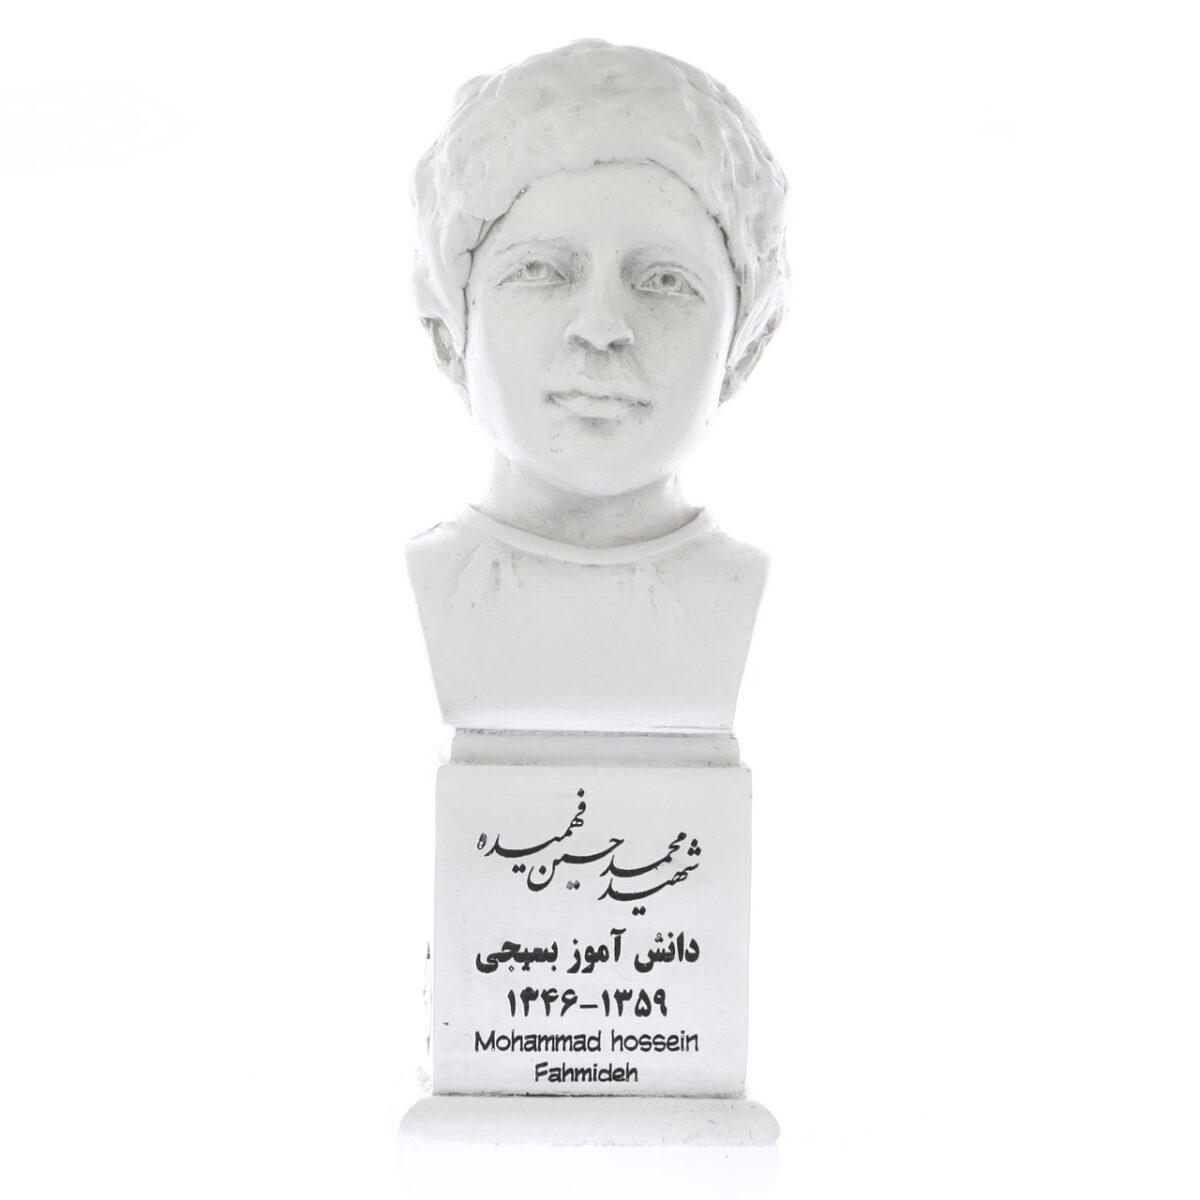 fahmide s 1200x1200 - سردیس شهید محمد حسین فهمیده